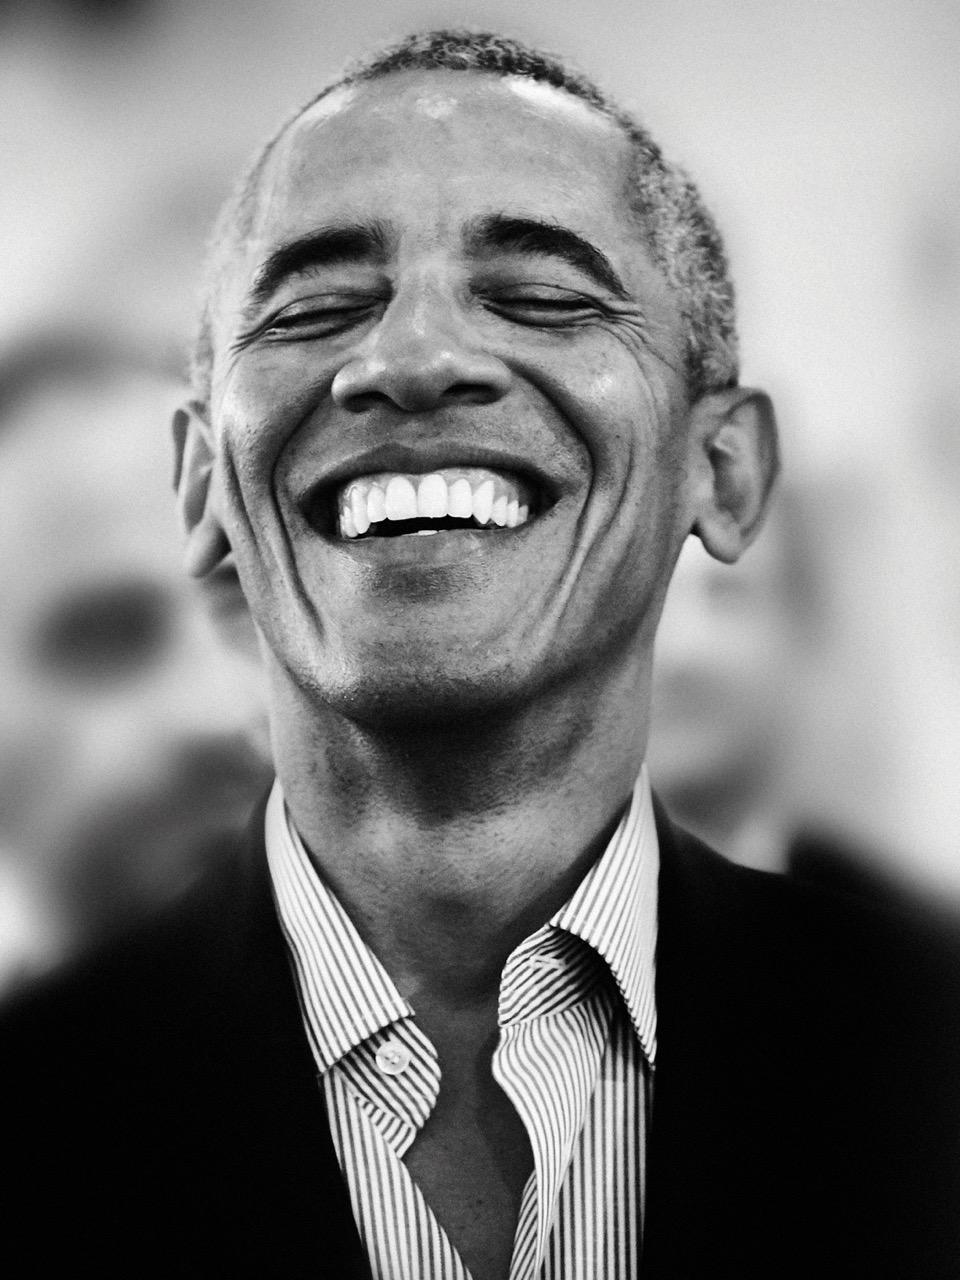 GIOVANNI GASTEL. THE PEOPLE I LIKE Giovanni Gastel, Ritratto di Barack Obama (Milano, 2017) Ph & Courtesy: Giovanni Gastel